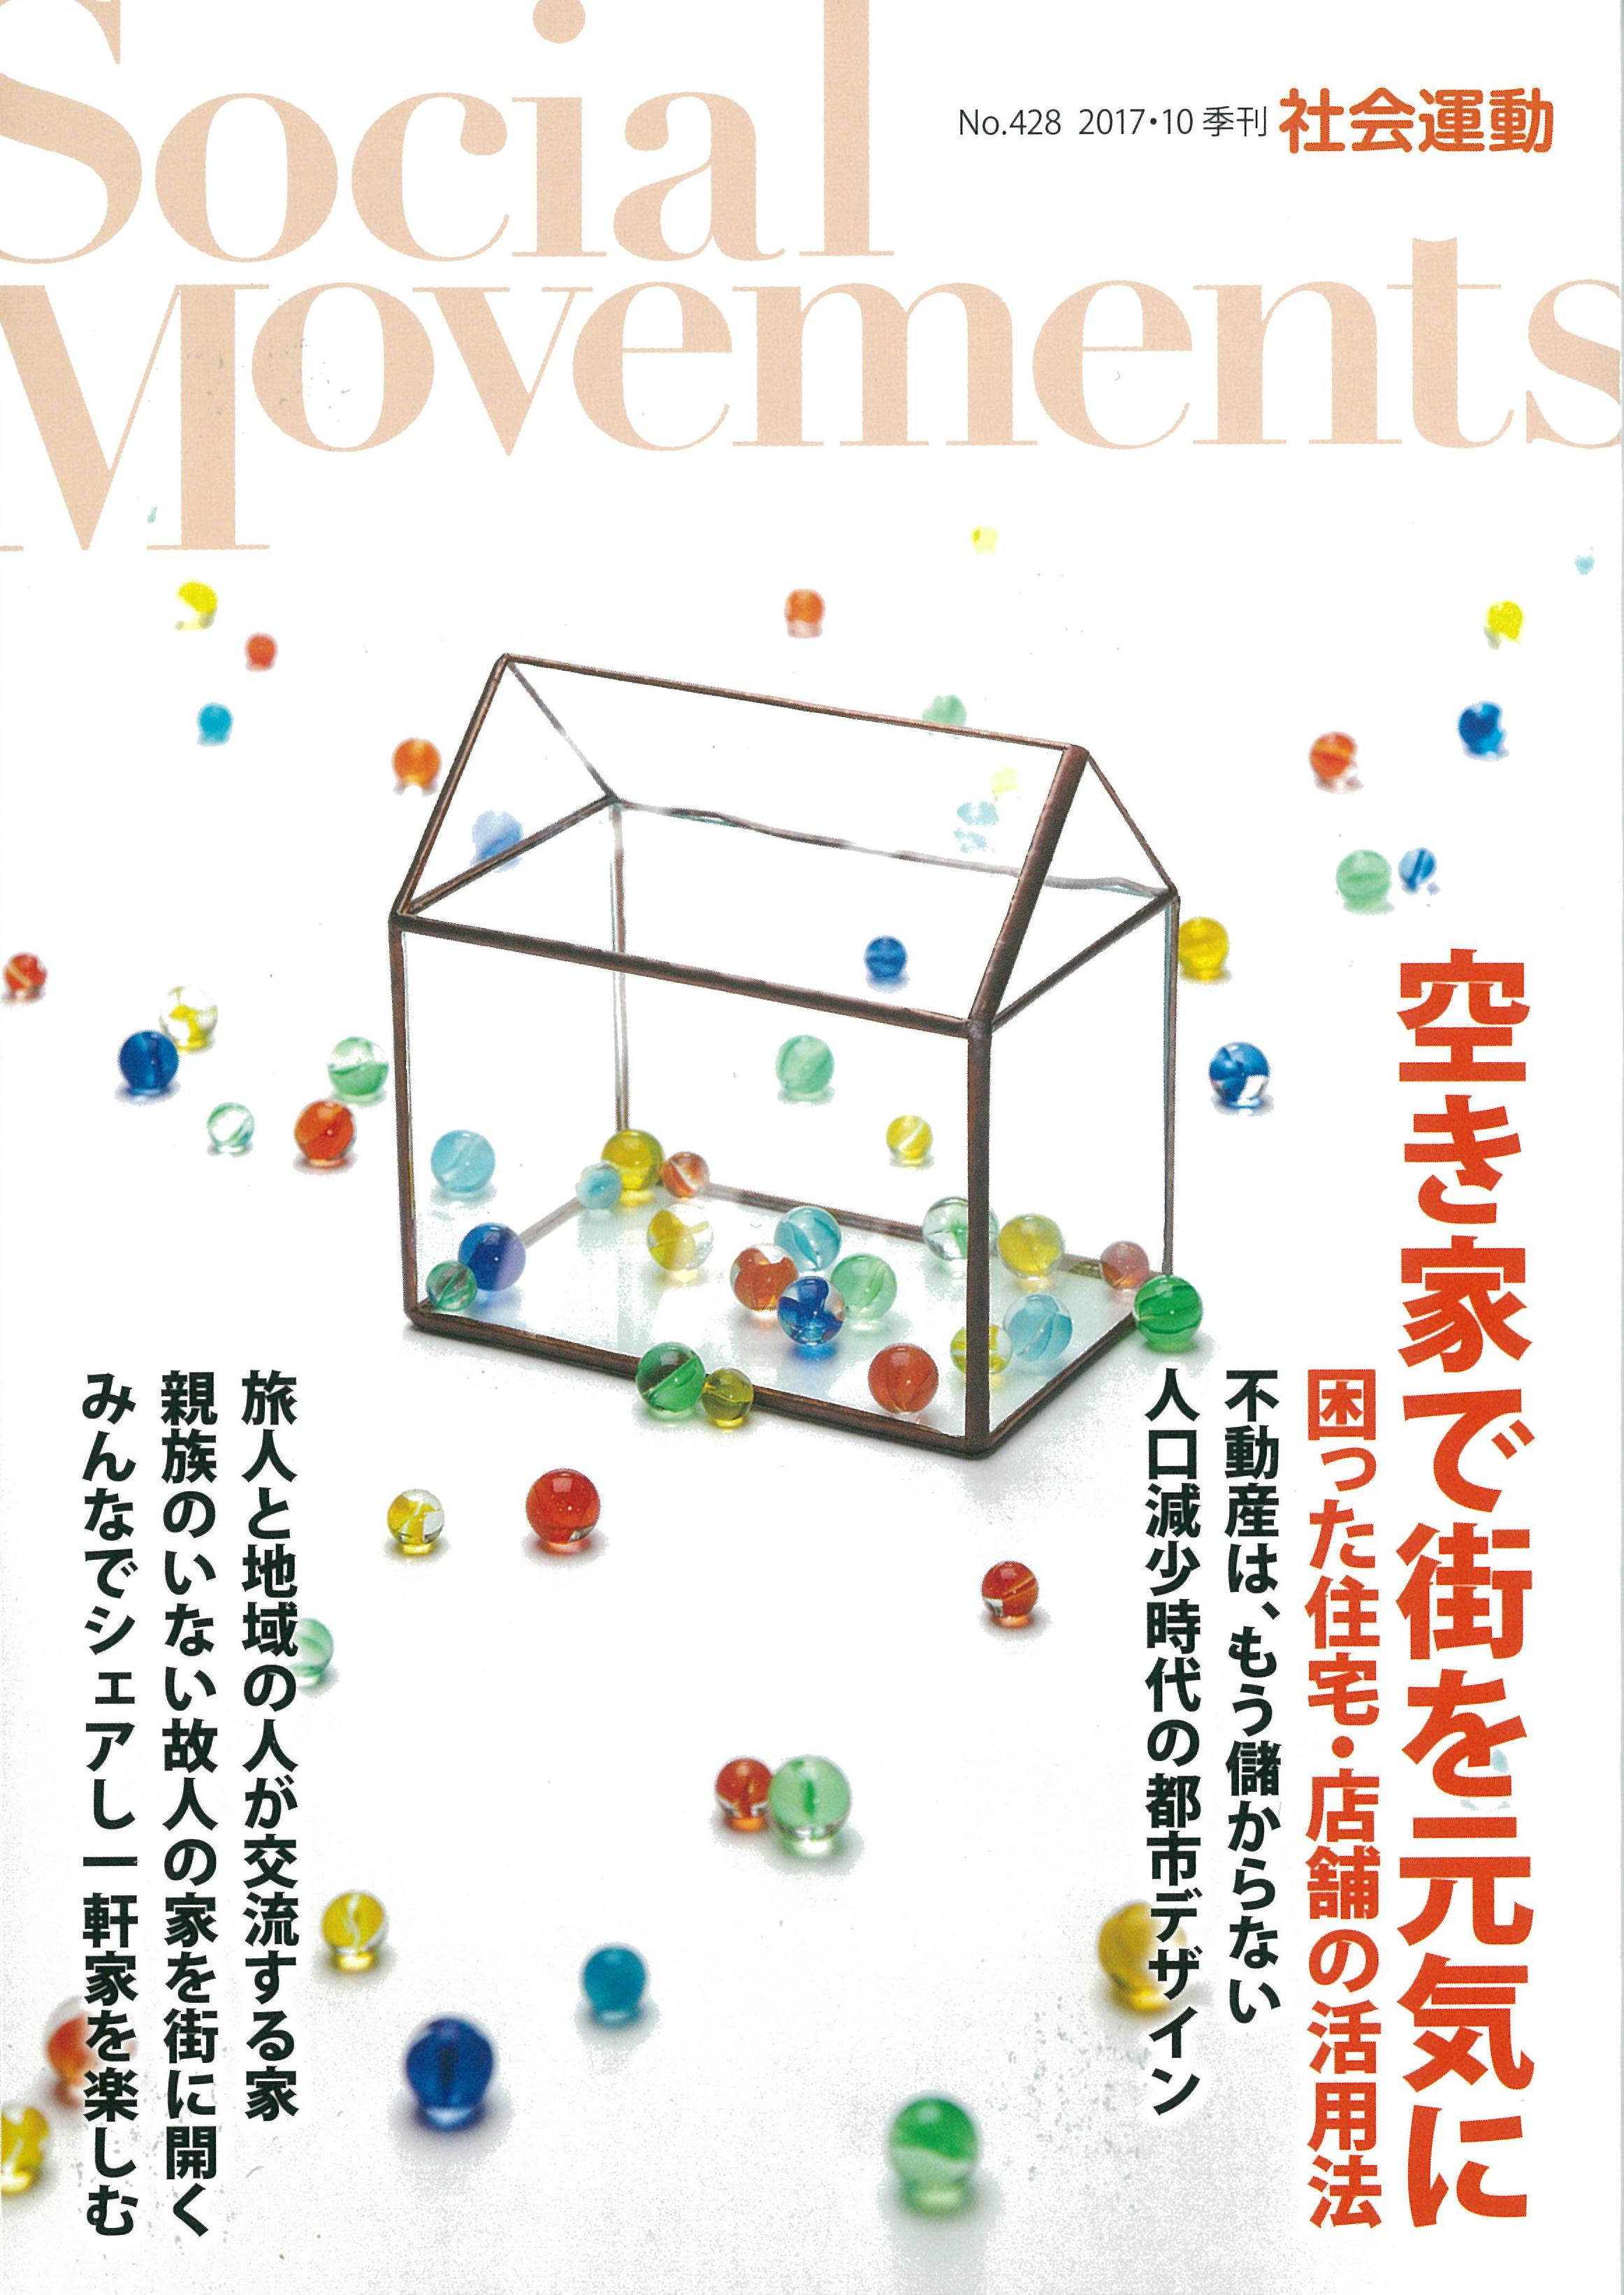 季刊『社会運動』2017年10月【428号】特集:空き家で街を元気に―困った住宅・店舗の活用方法